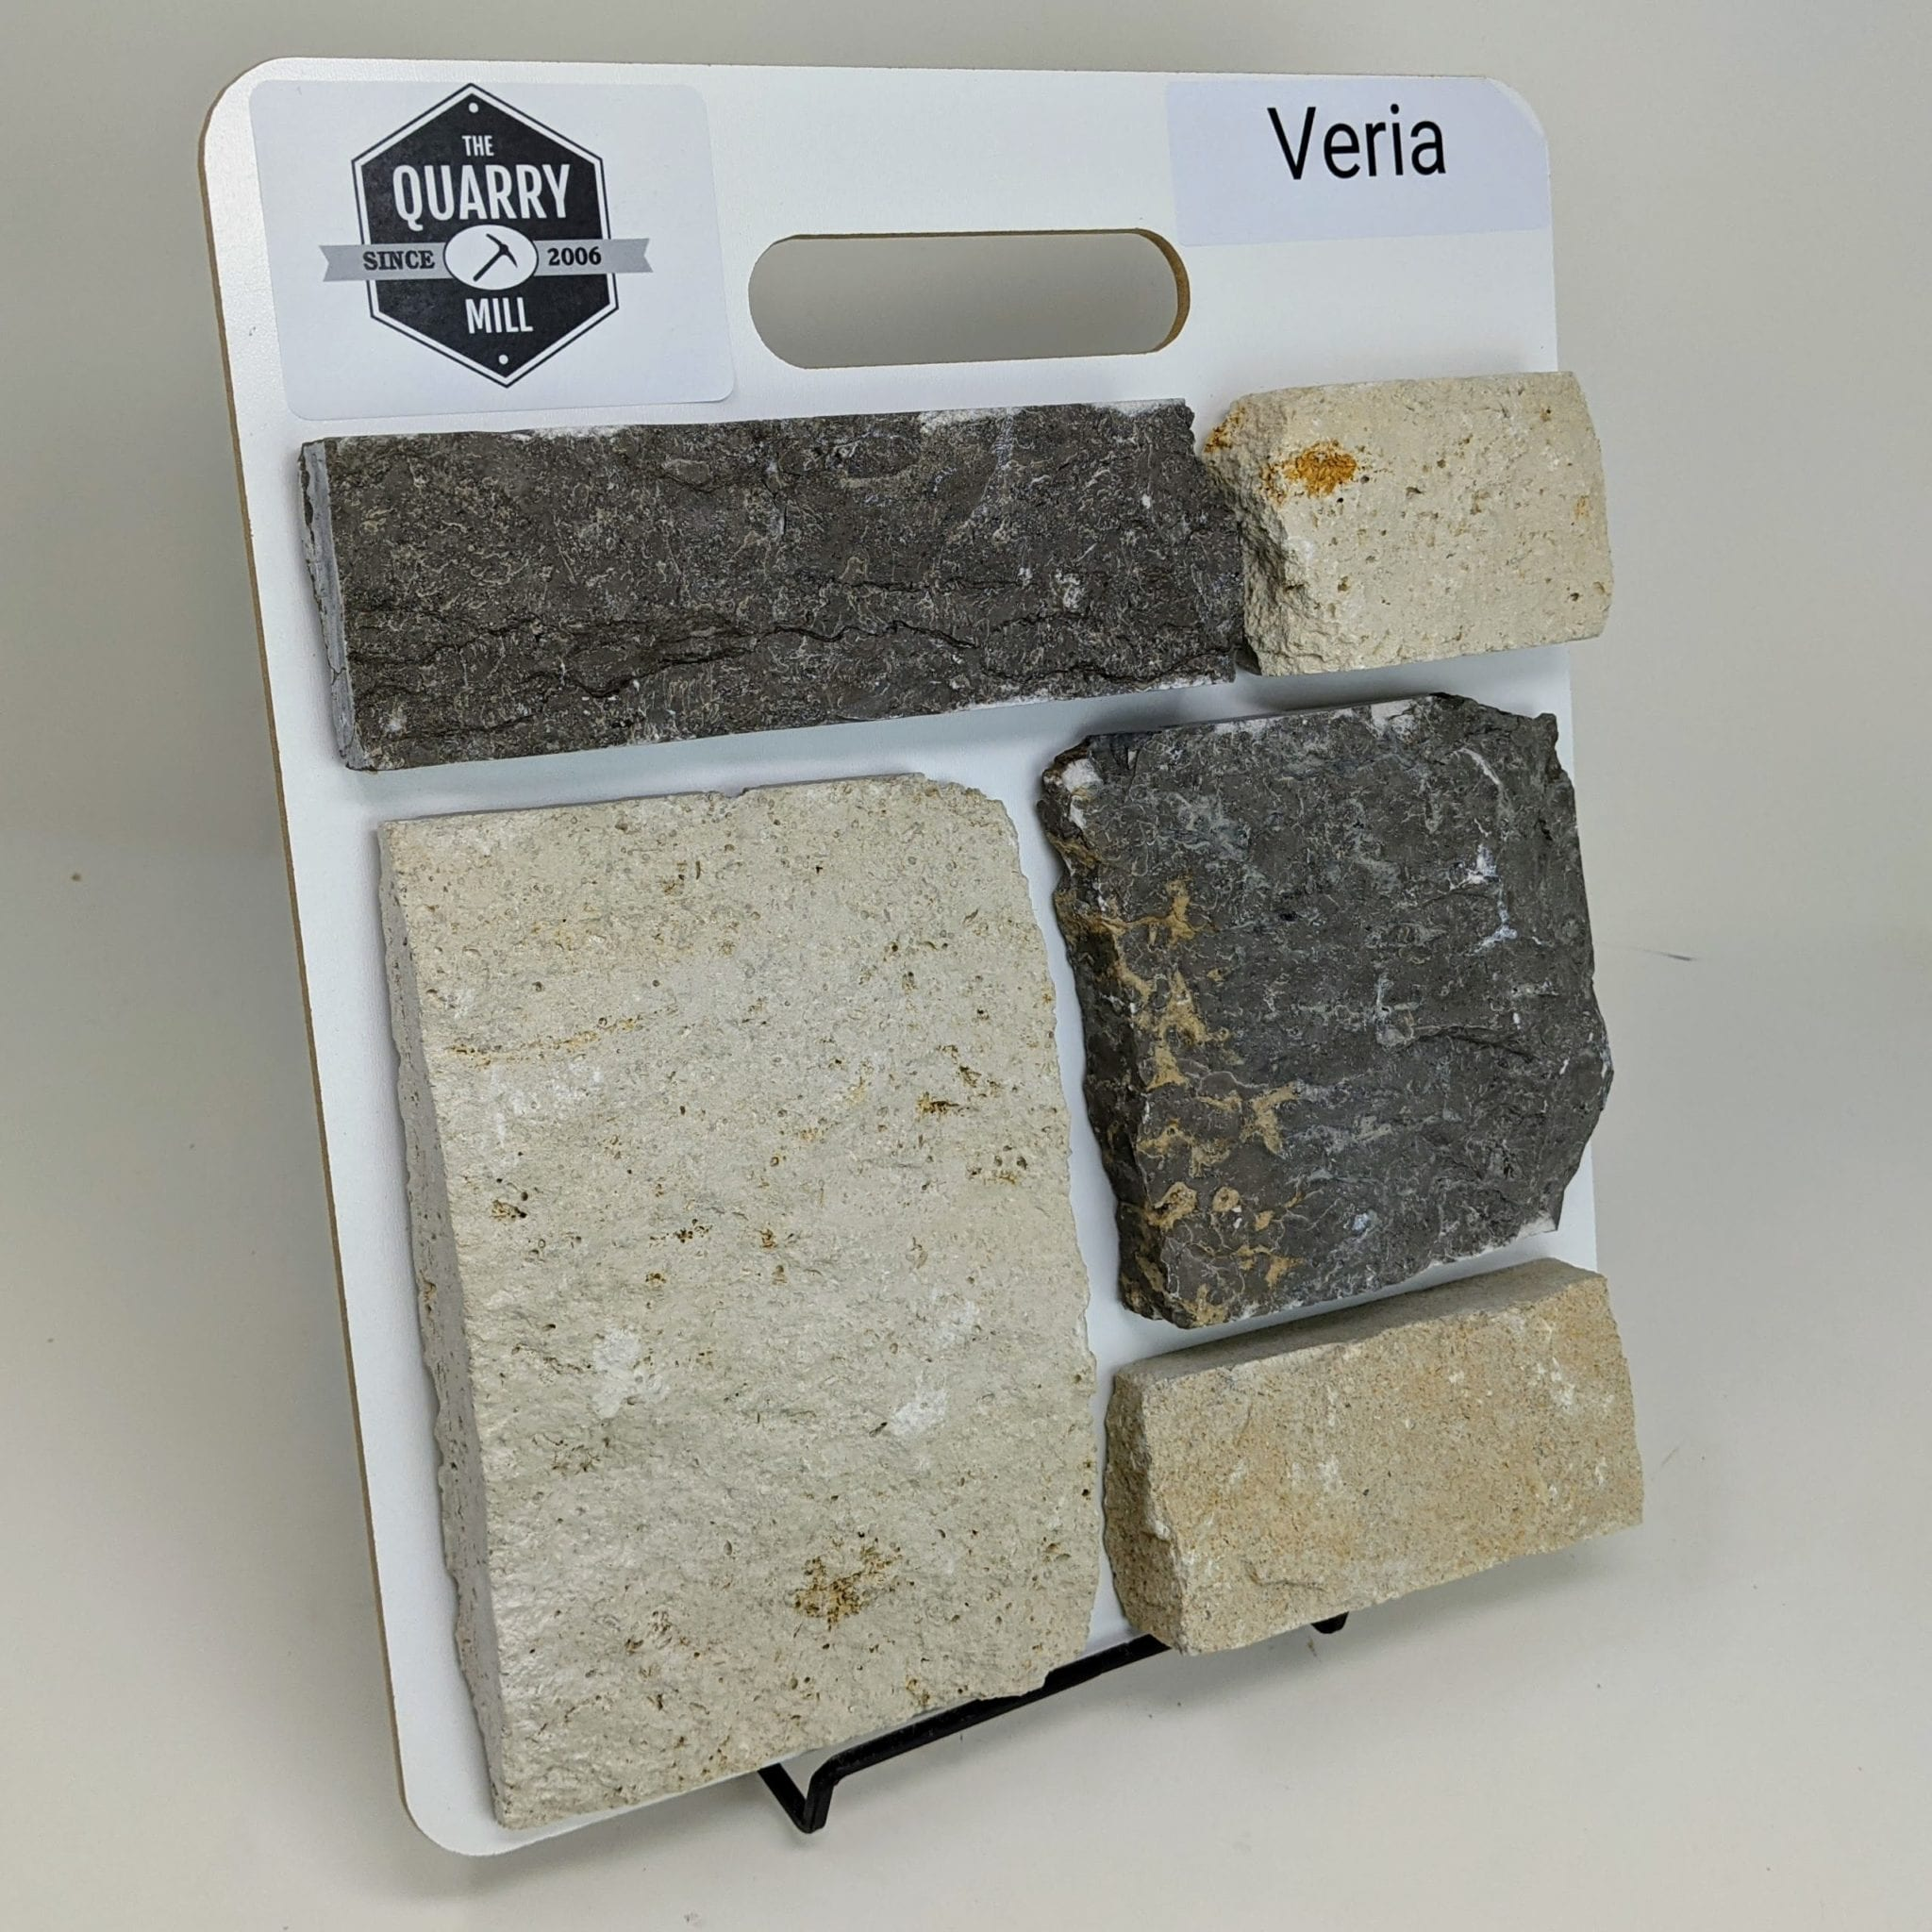 Veria Natural Stone Veneer Sample Board